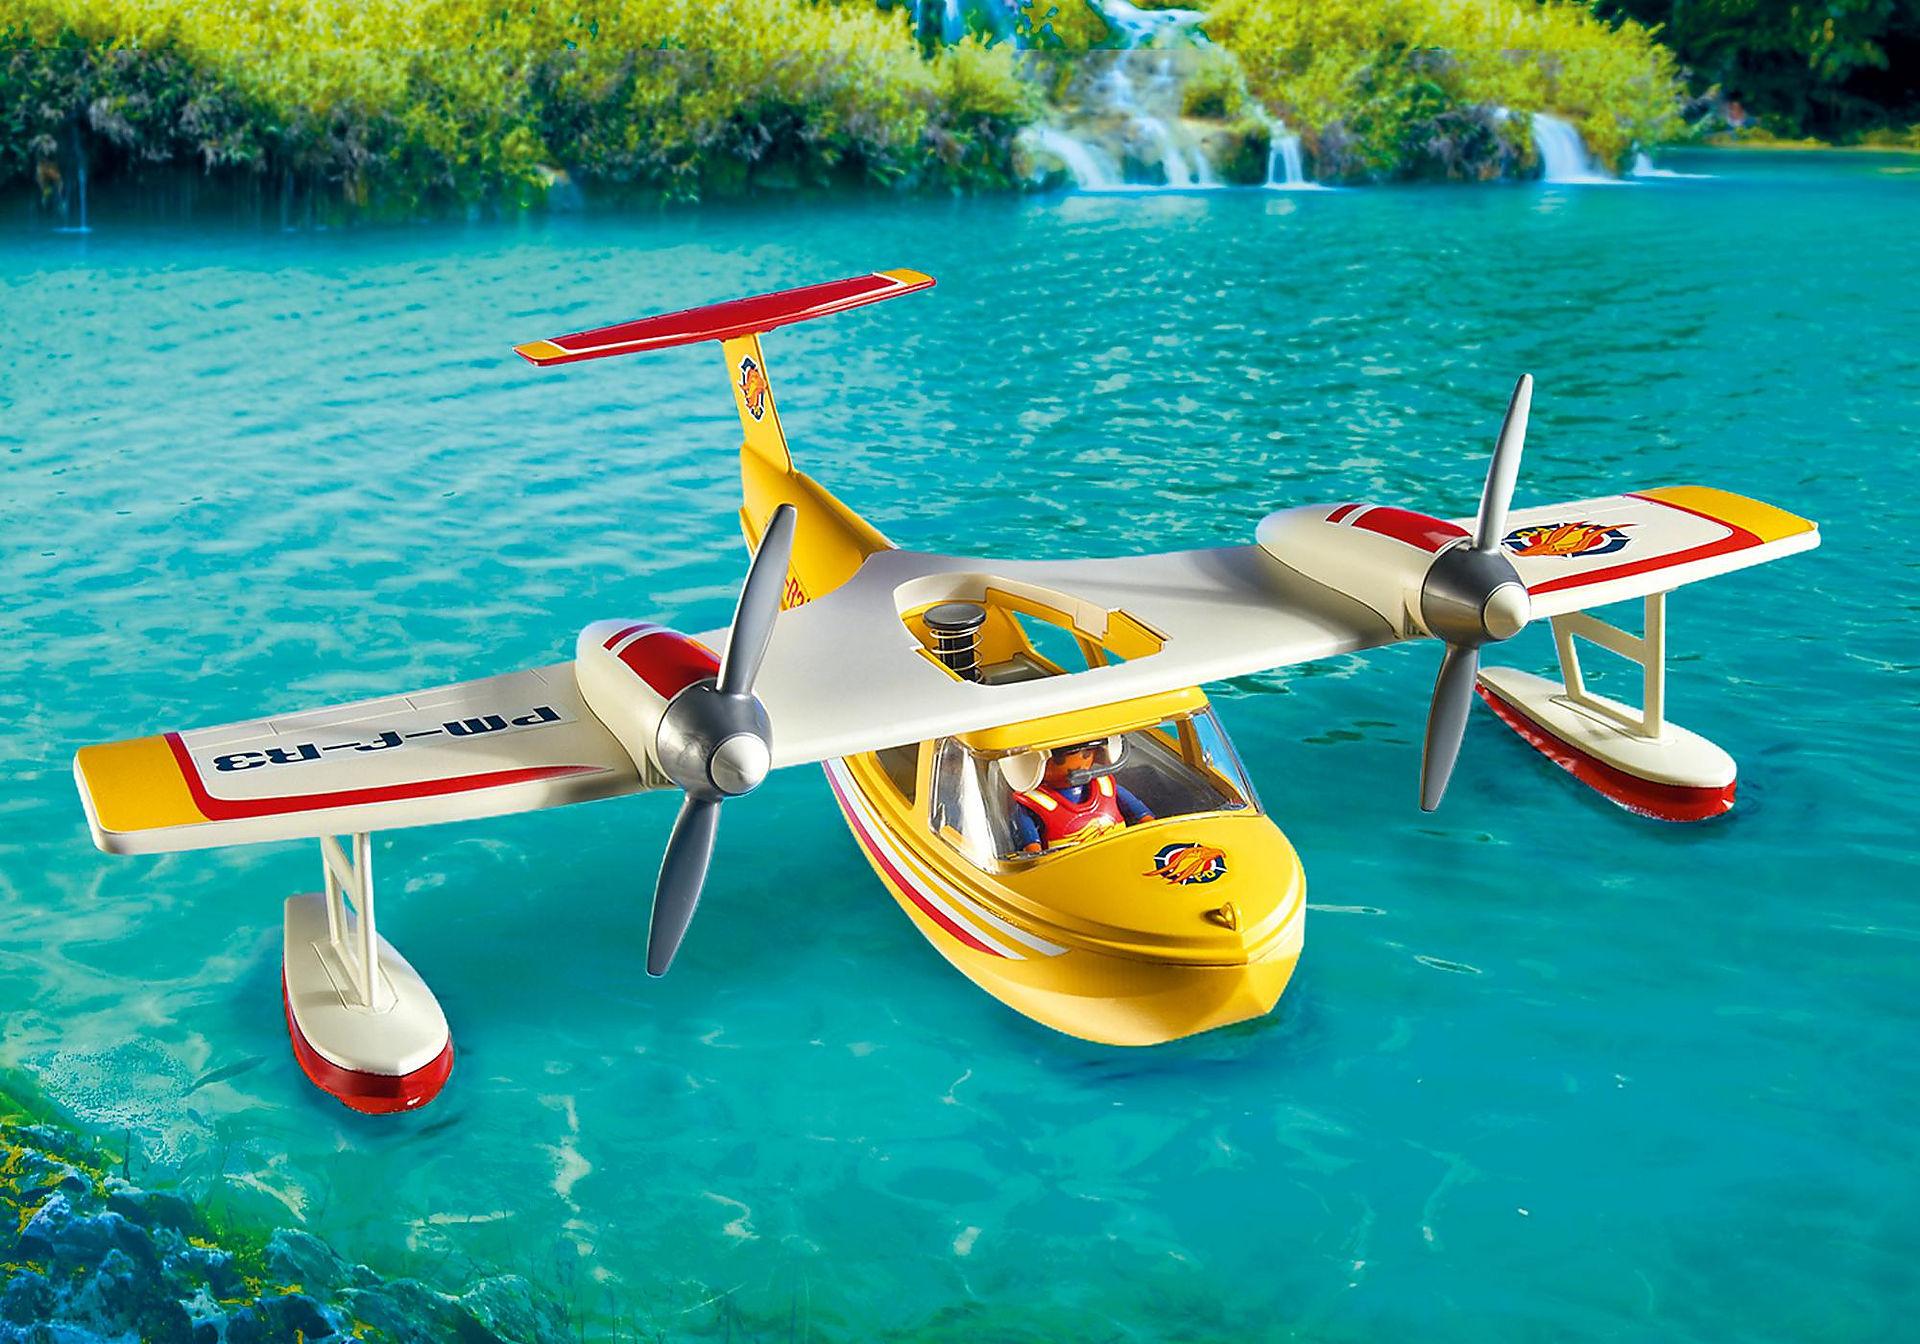 http://media.playmobil.com/i/playmobil/5560_product_extra1/Idrovolante-avventura di soccorso